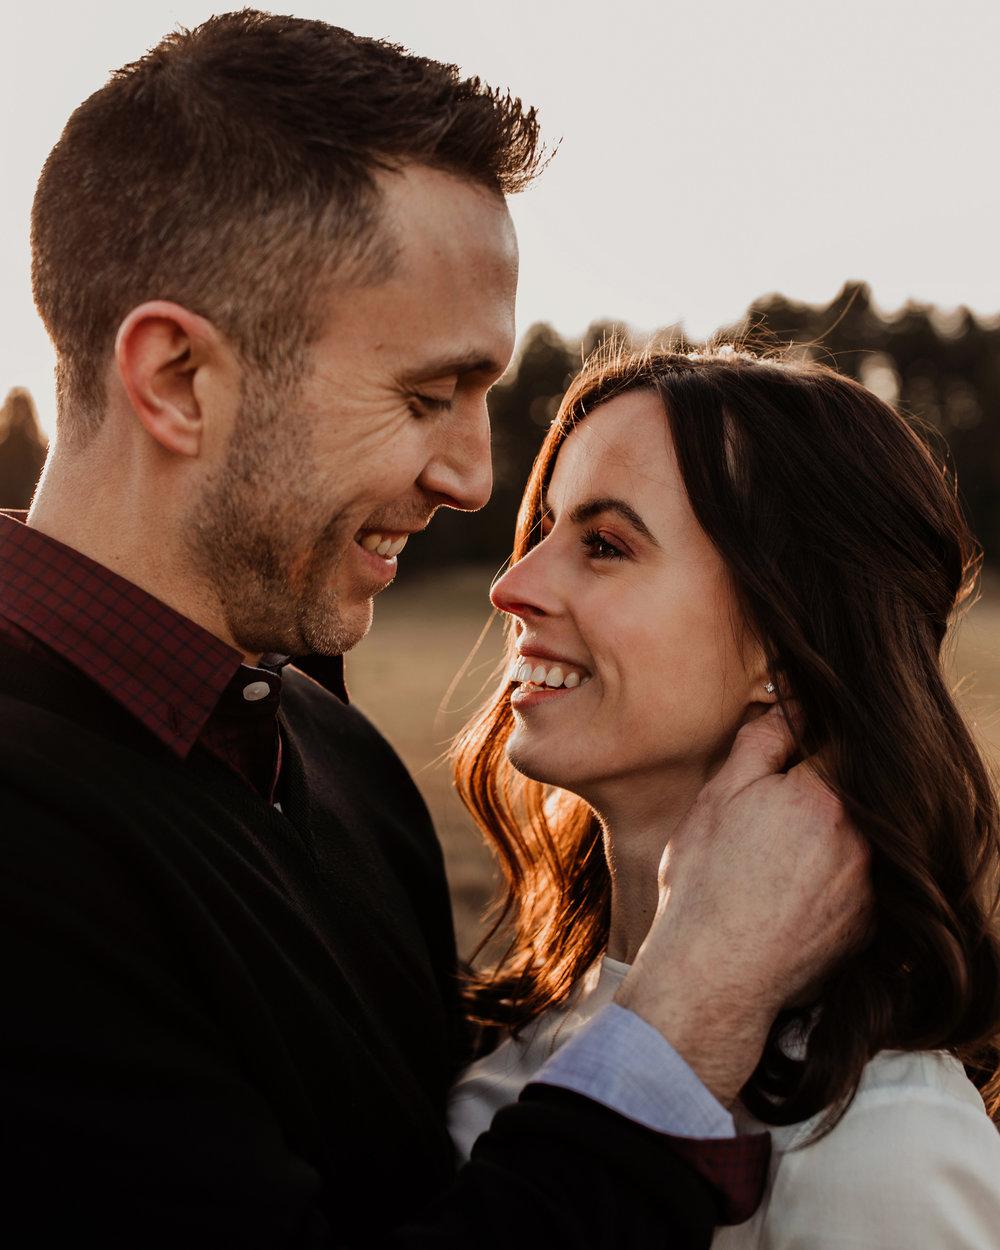 Sunshine Coast Engagement Photos - Sunshine Coast Wedding Photographer - Vancouver Wedding Photographe301r .JPG